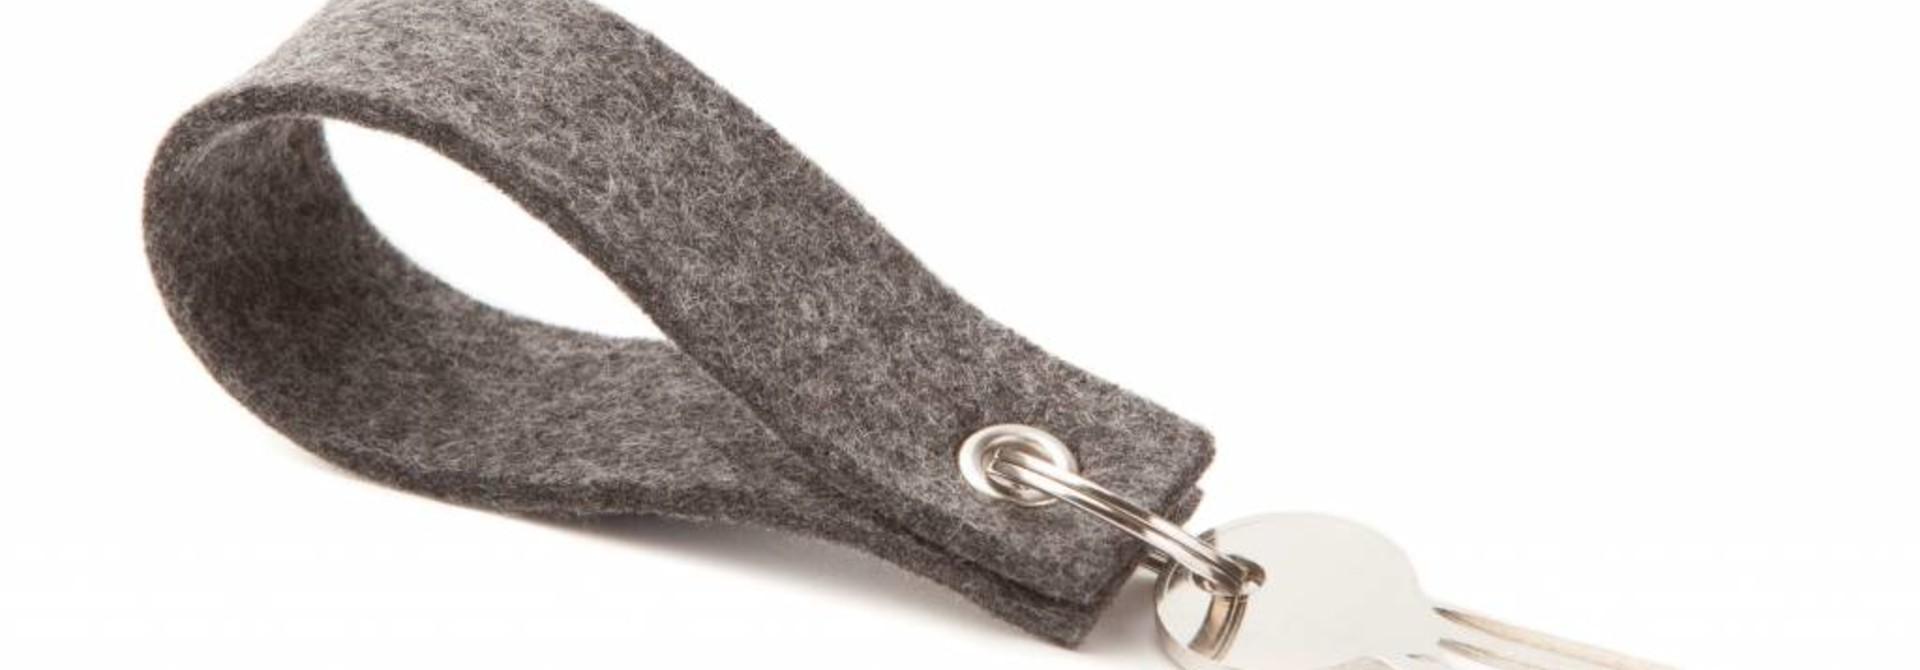 Schlüsselanhänger Grey square